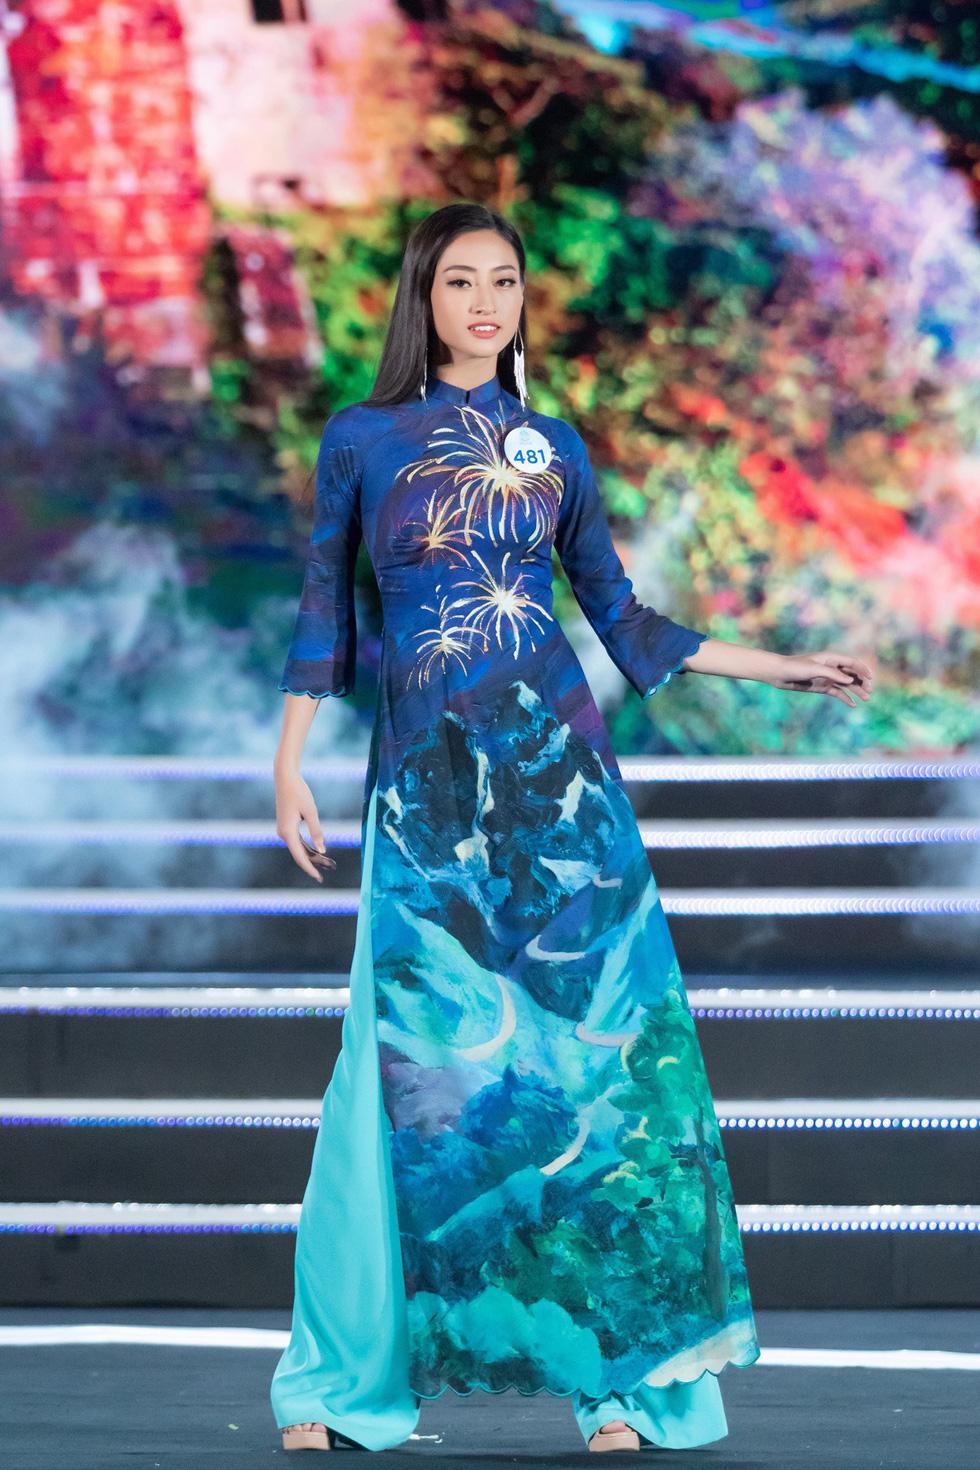 Bộ sưu tập áo dài đèo Hải Vân giúp Lương Thùy Linh đăng quang - Ảnh 4.